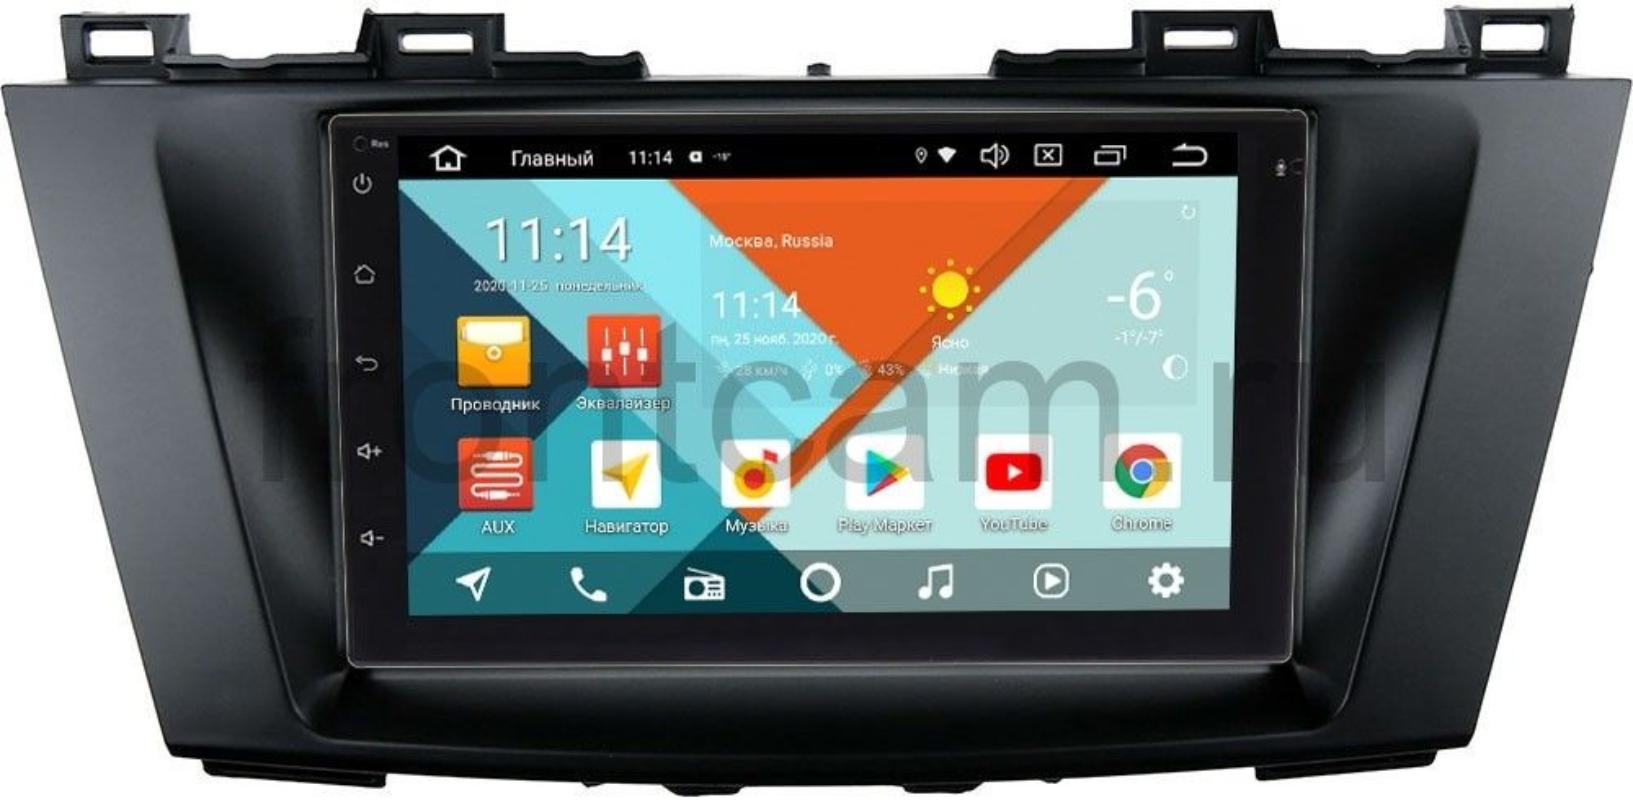 Магнитола для Mazda 5 II (CW), Premacy III (CW) 2010-2017 Wide Media KS7001QR-3/32-RP-MZ5B-150 на Android 10 (DSP CarPlay 4G-SIM) (+ Камера заднего вида в подарок!)